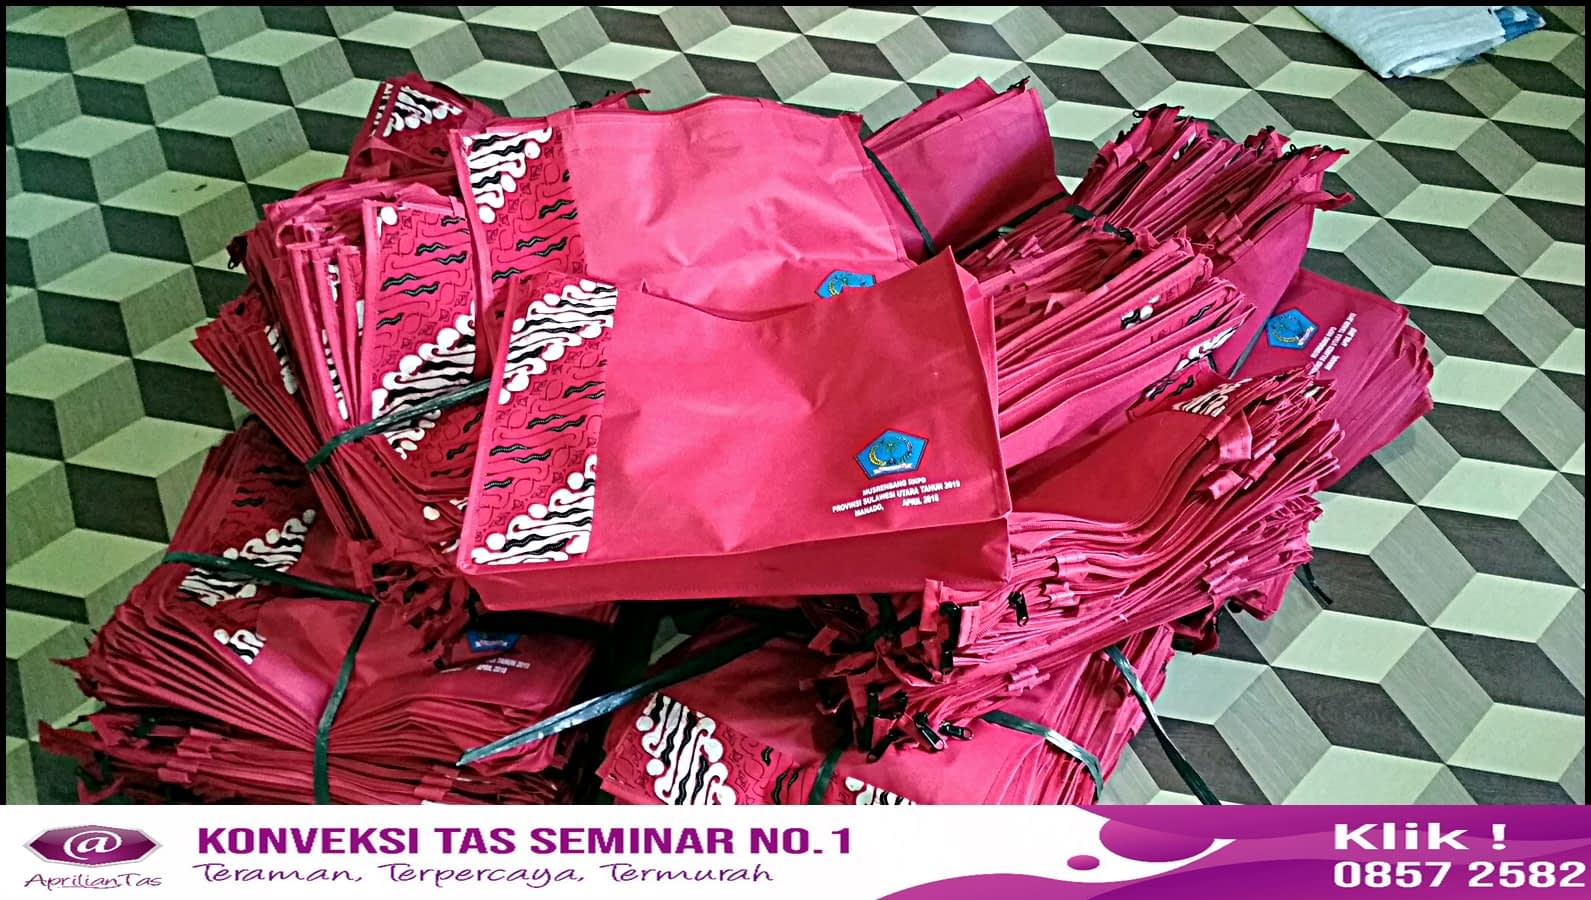 Langkah Menunjuk Grosir Tas Seminar Kit Hemat Supaya Acara Anda Banyak Peserta Tas untuk seminar,harga tas untuk seminar kit,model tas untuk seminar,harga tas untuk seminar, jasa pembuatan tas kulit,penjahit tas tangerang,konveksi tas jakarta,